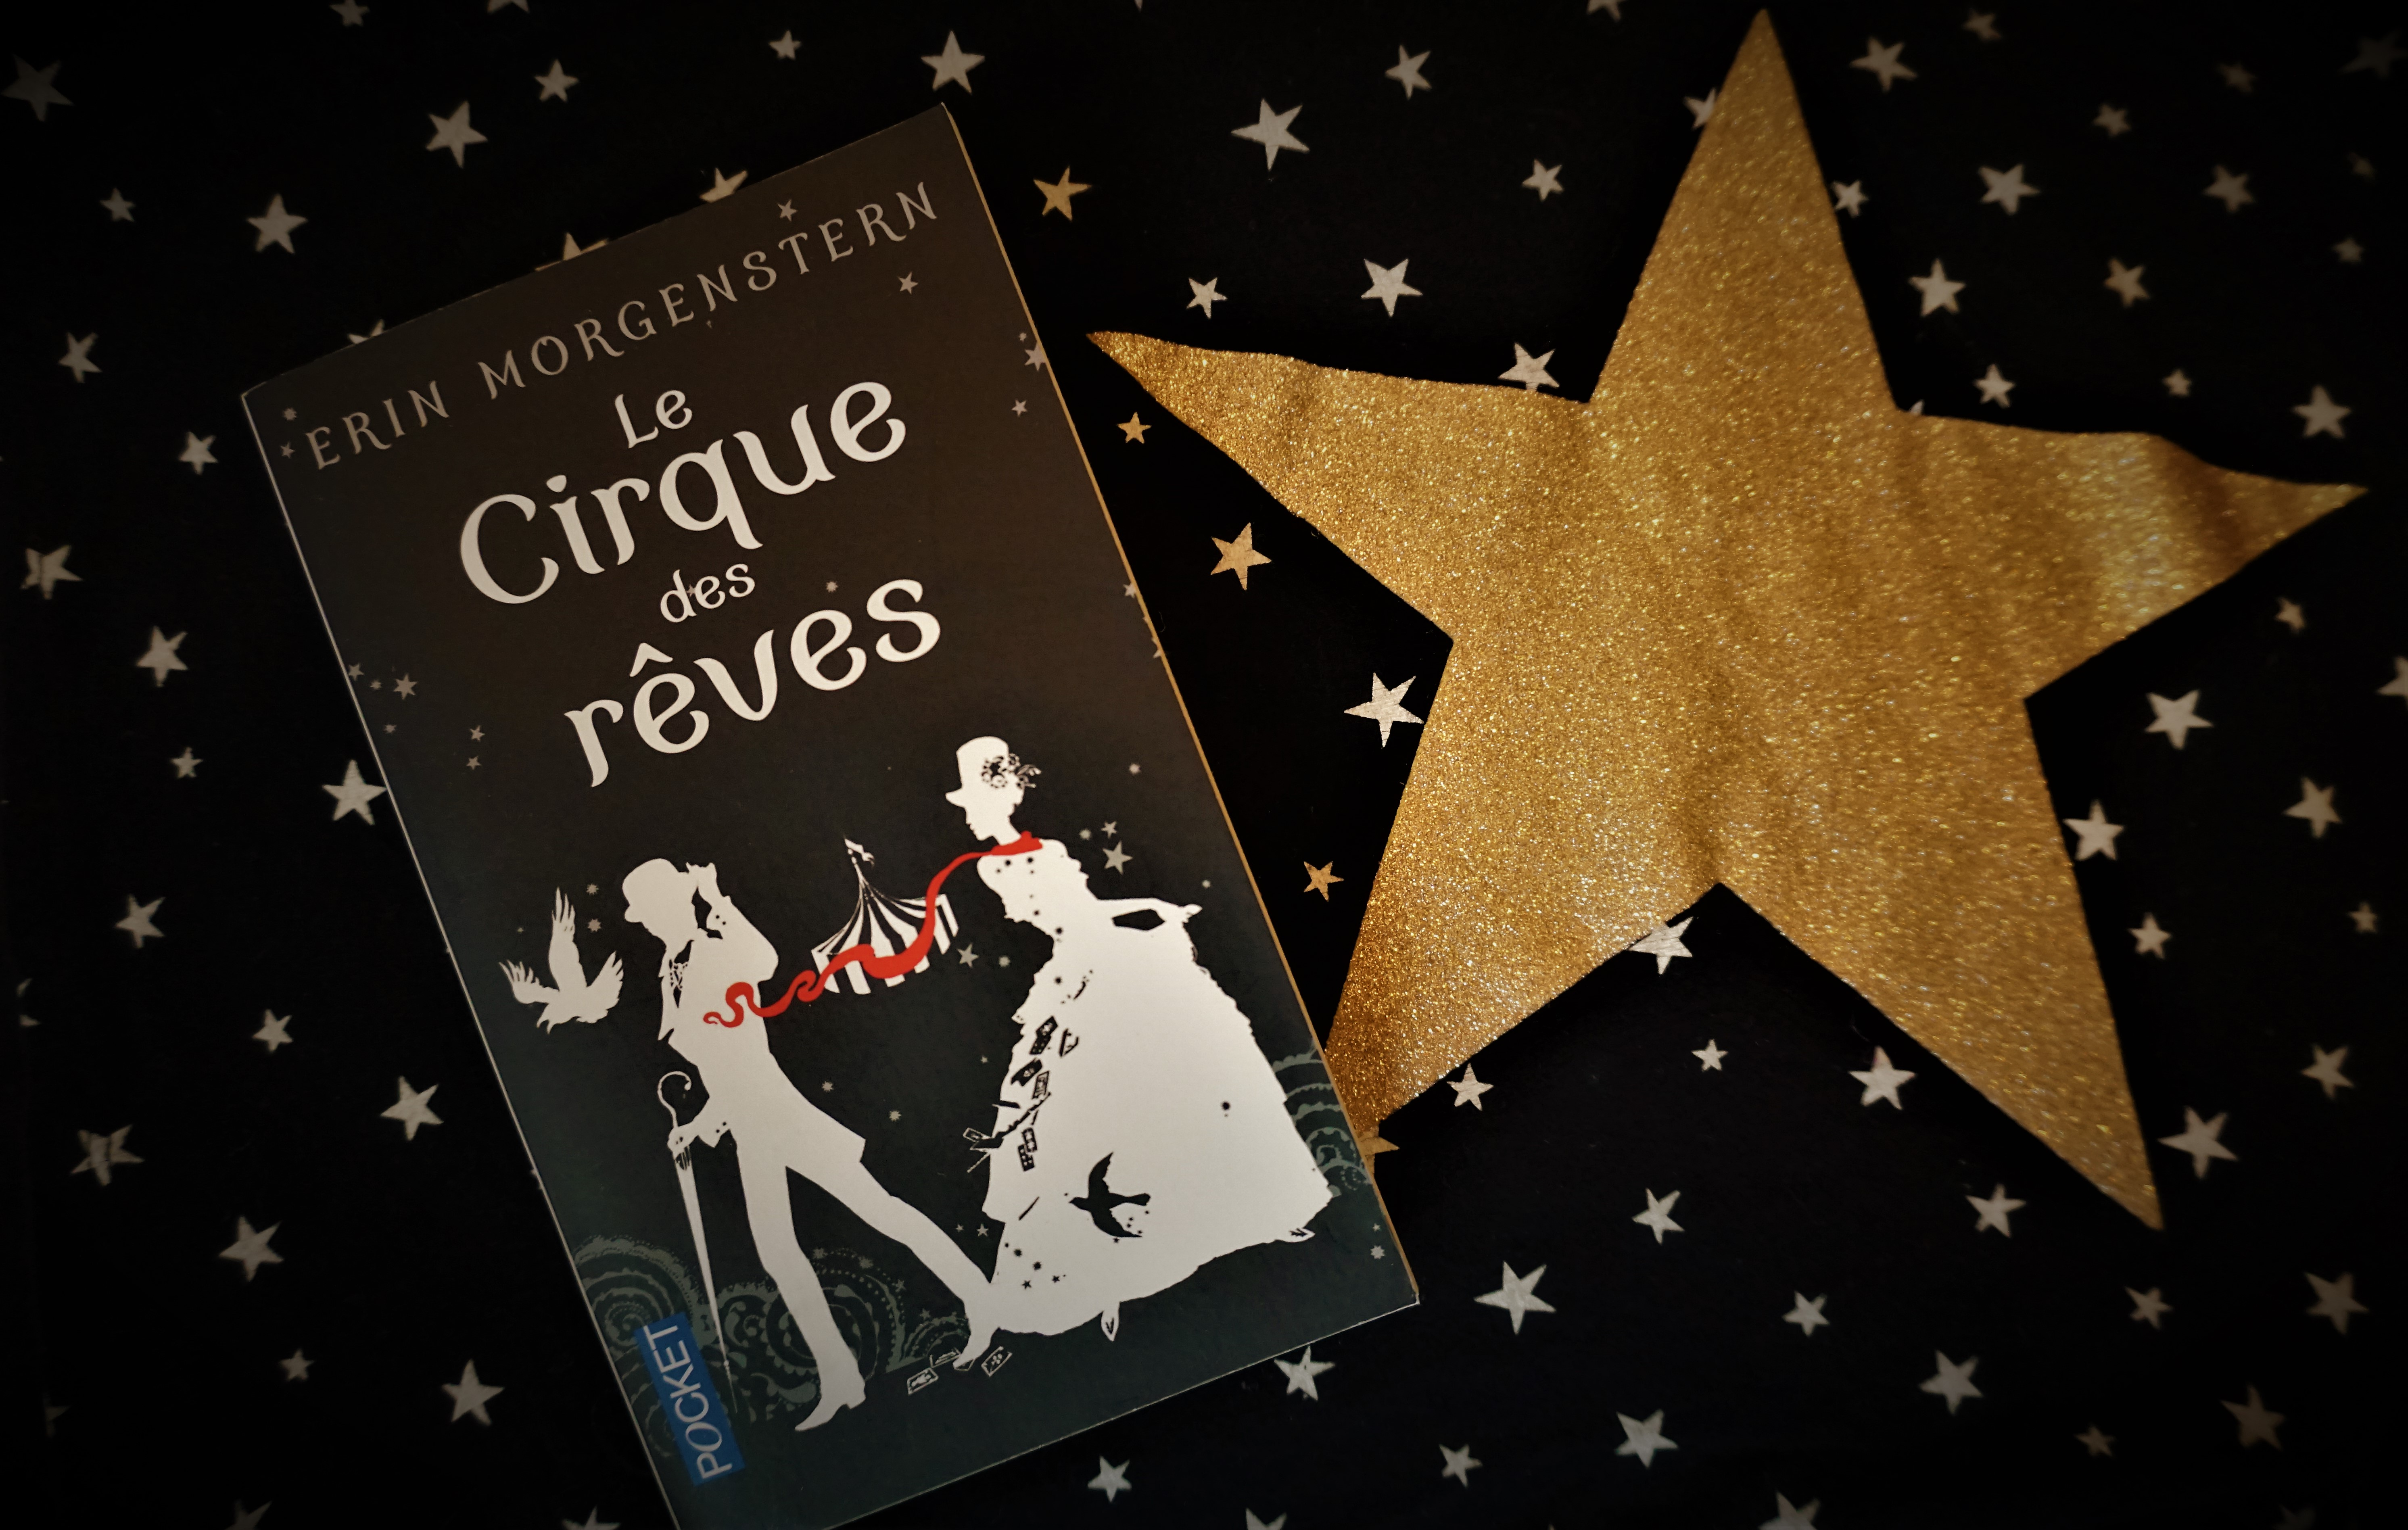 Le cirque des rêves Erin Morgenstern Pocket roman romance amour cirque fantastique magie Le fil rouge réflexions littéraire livre lecture